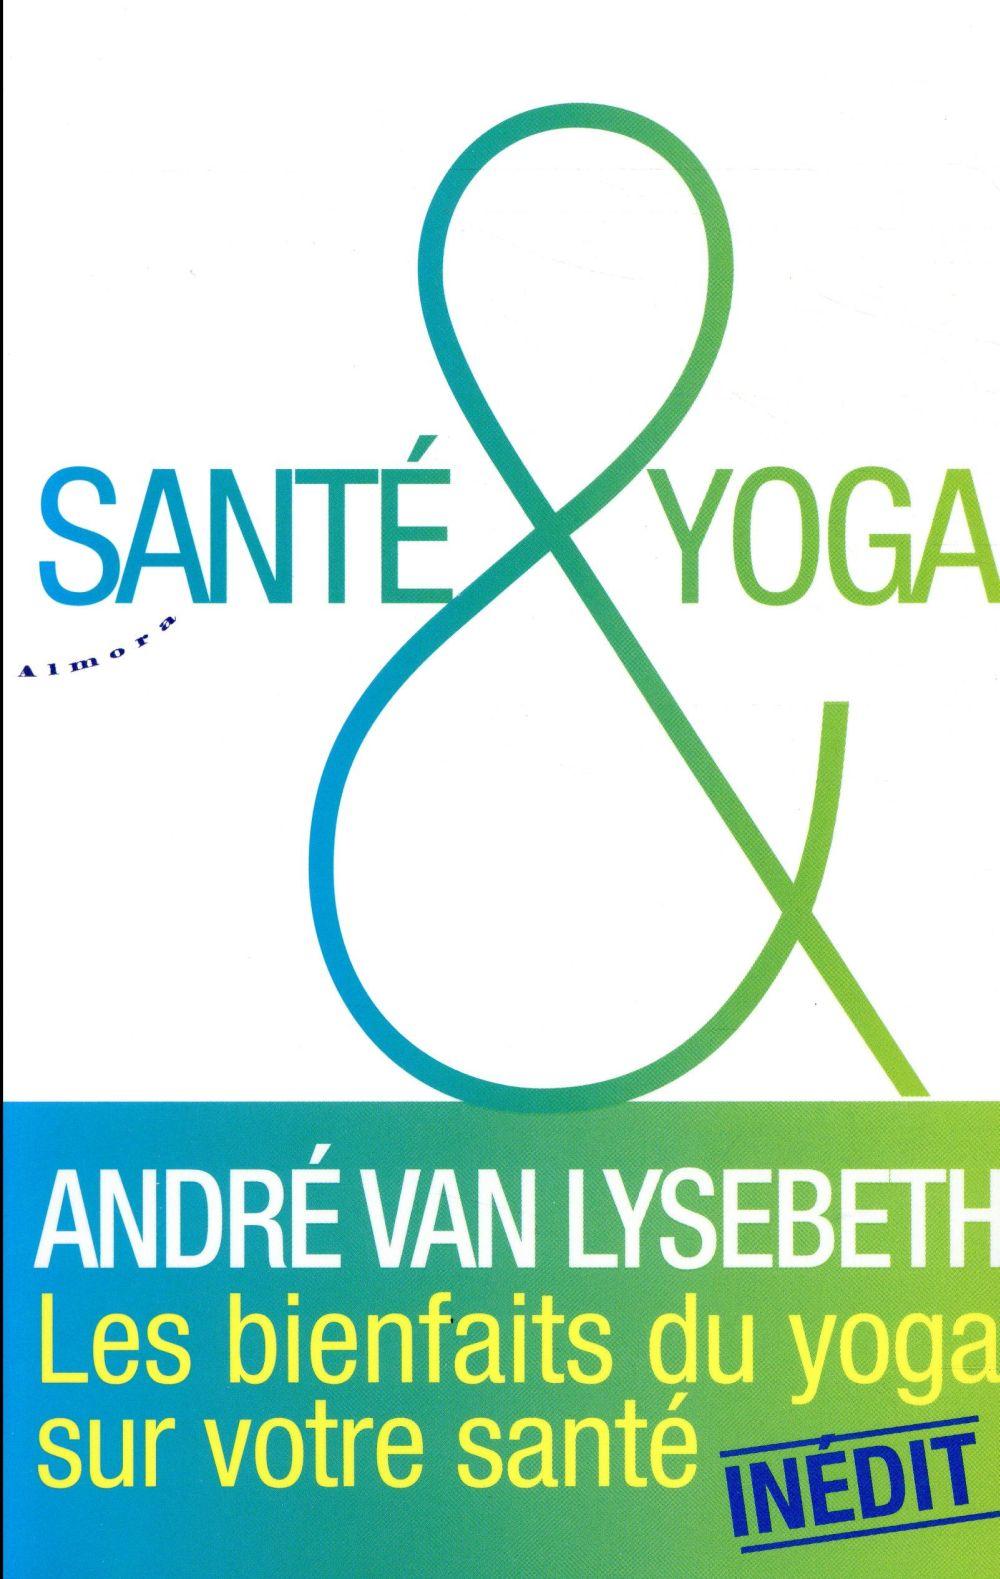 Santé & yoga